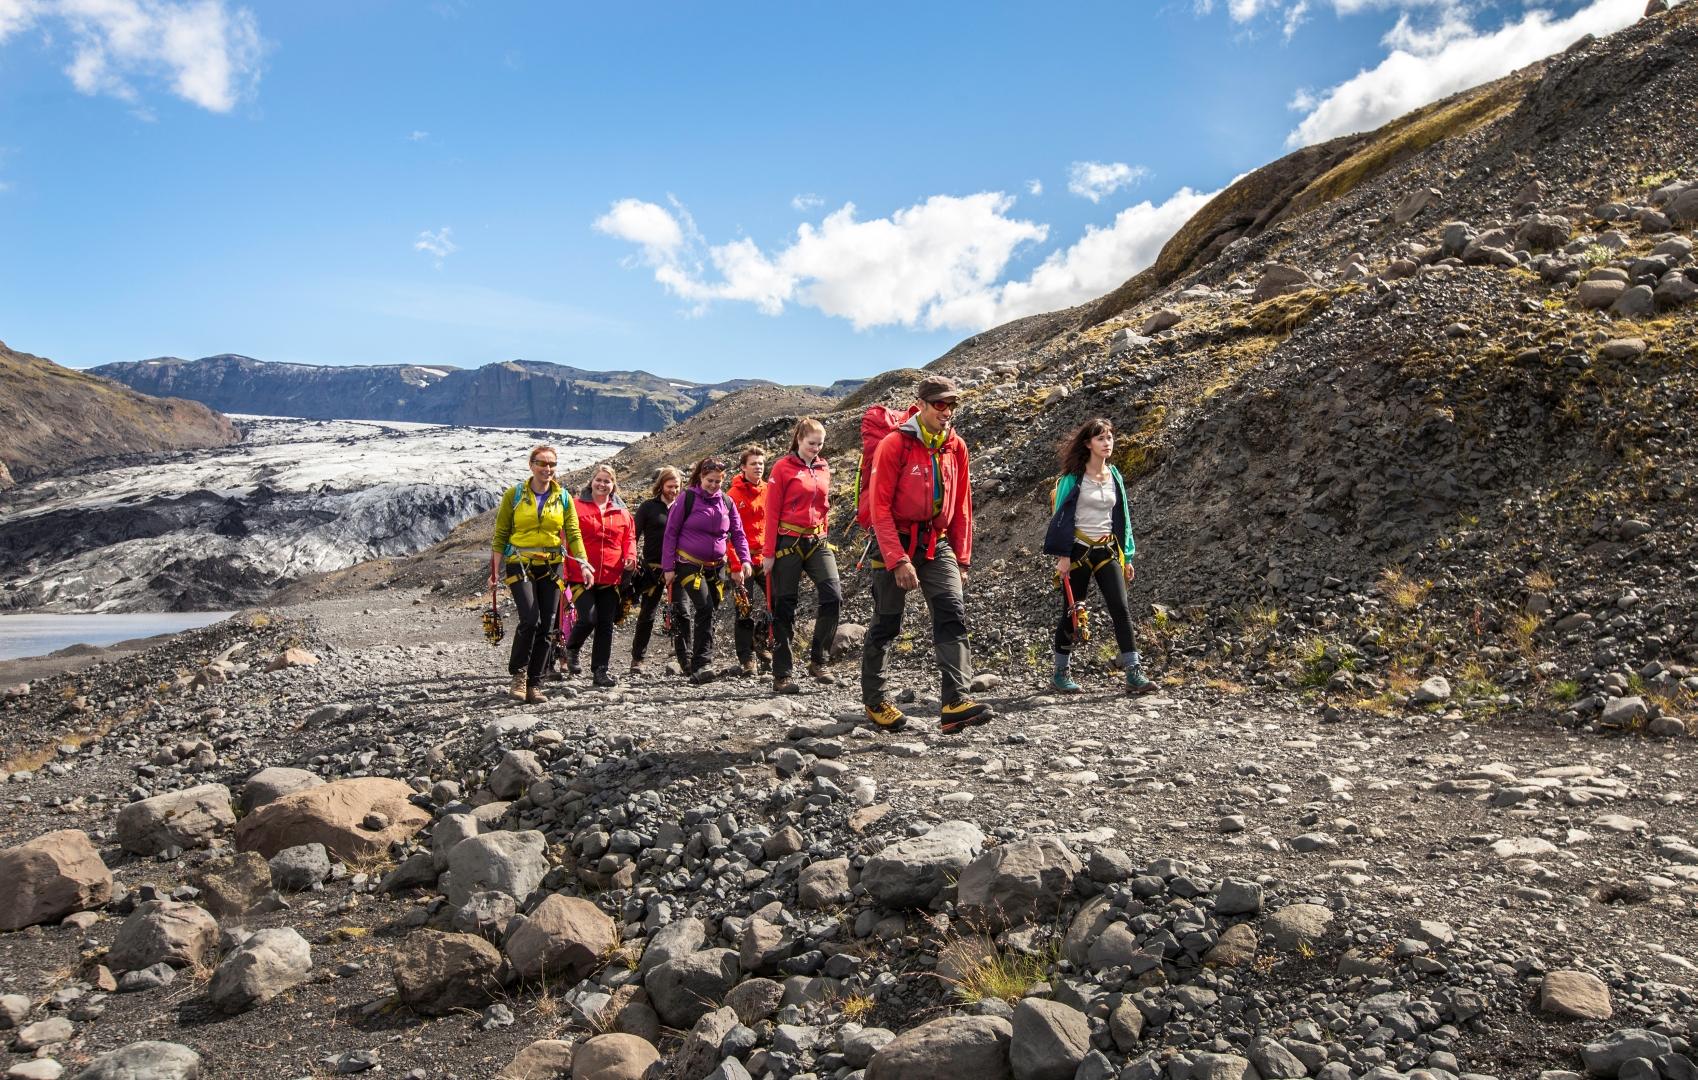 Heading back after the glacier walk